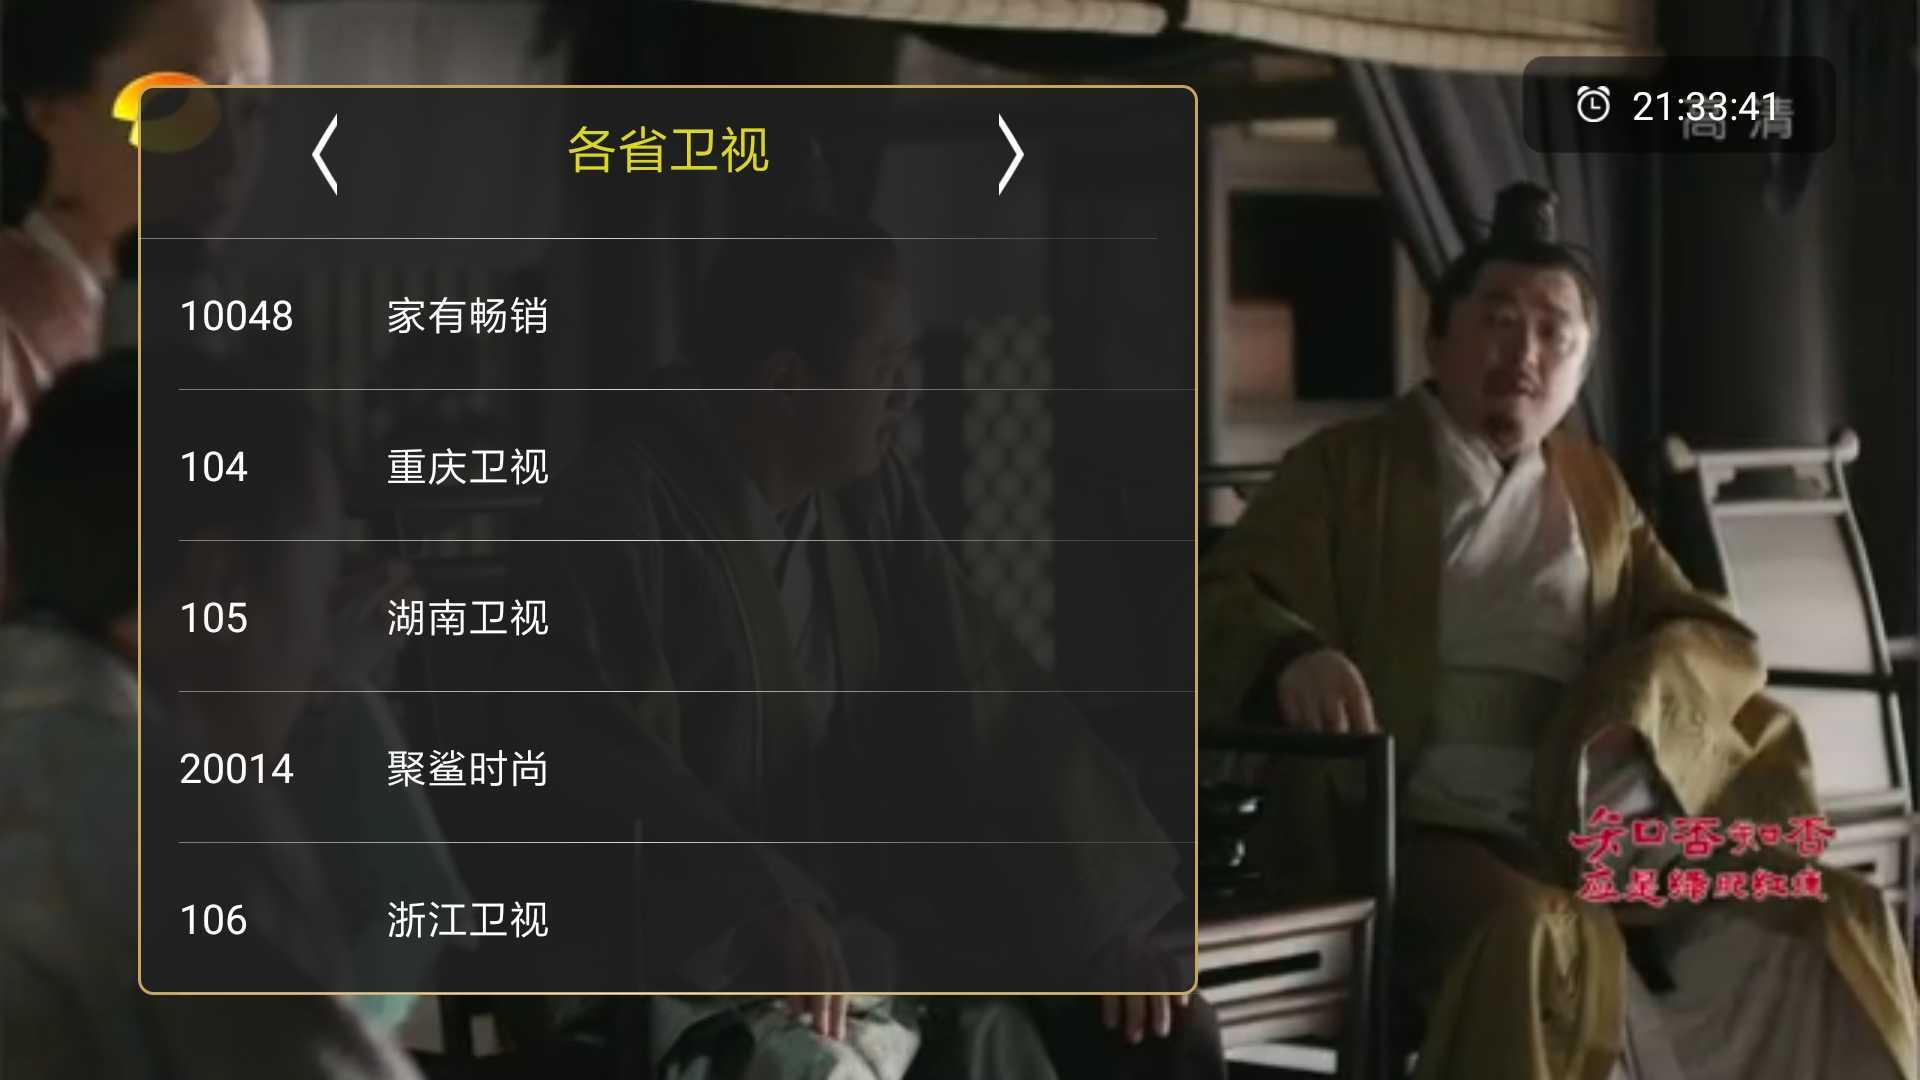 【手机软件】橙色电视直播 超清直播源无广告